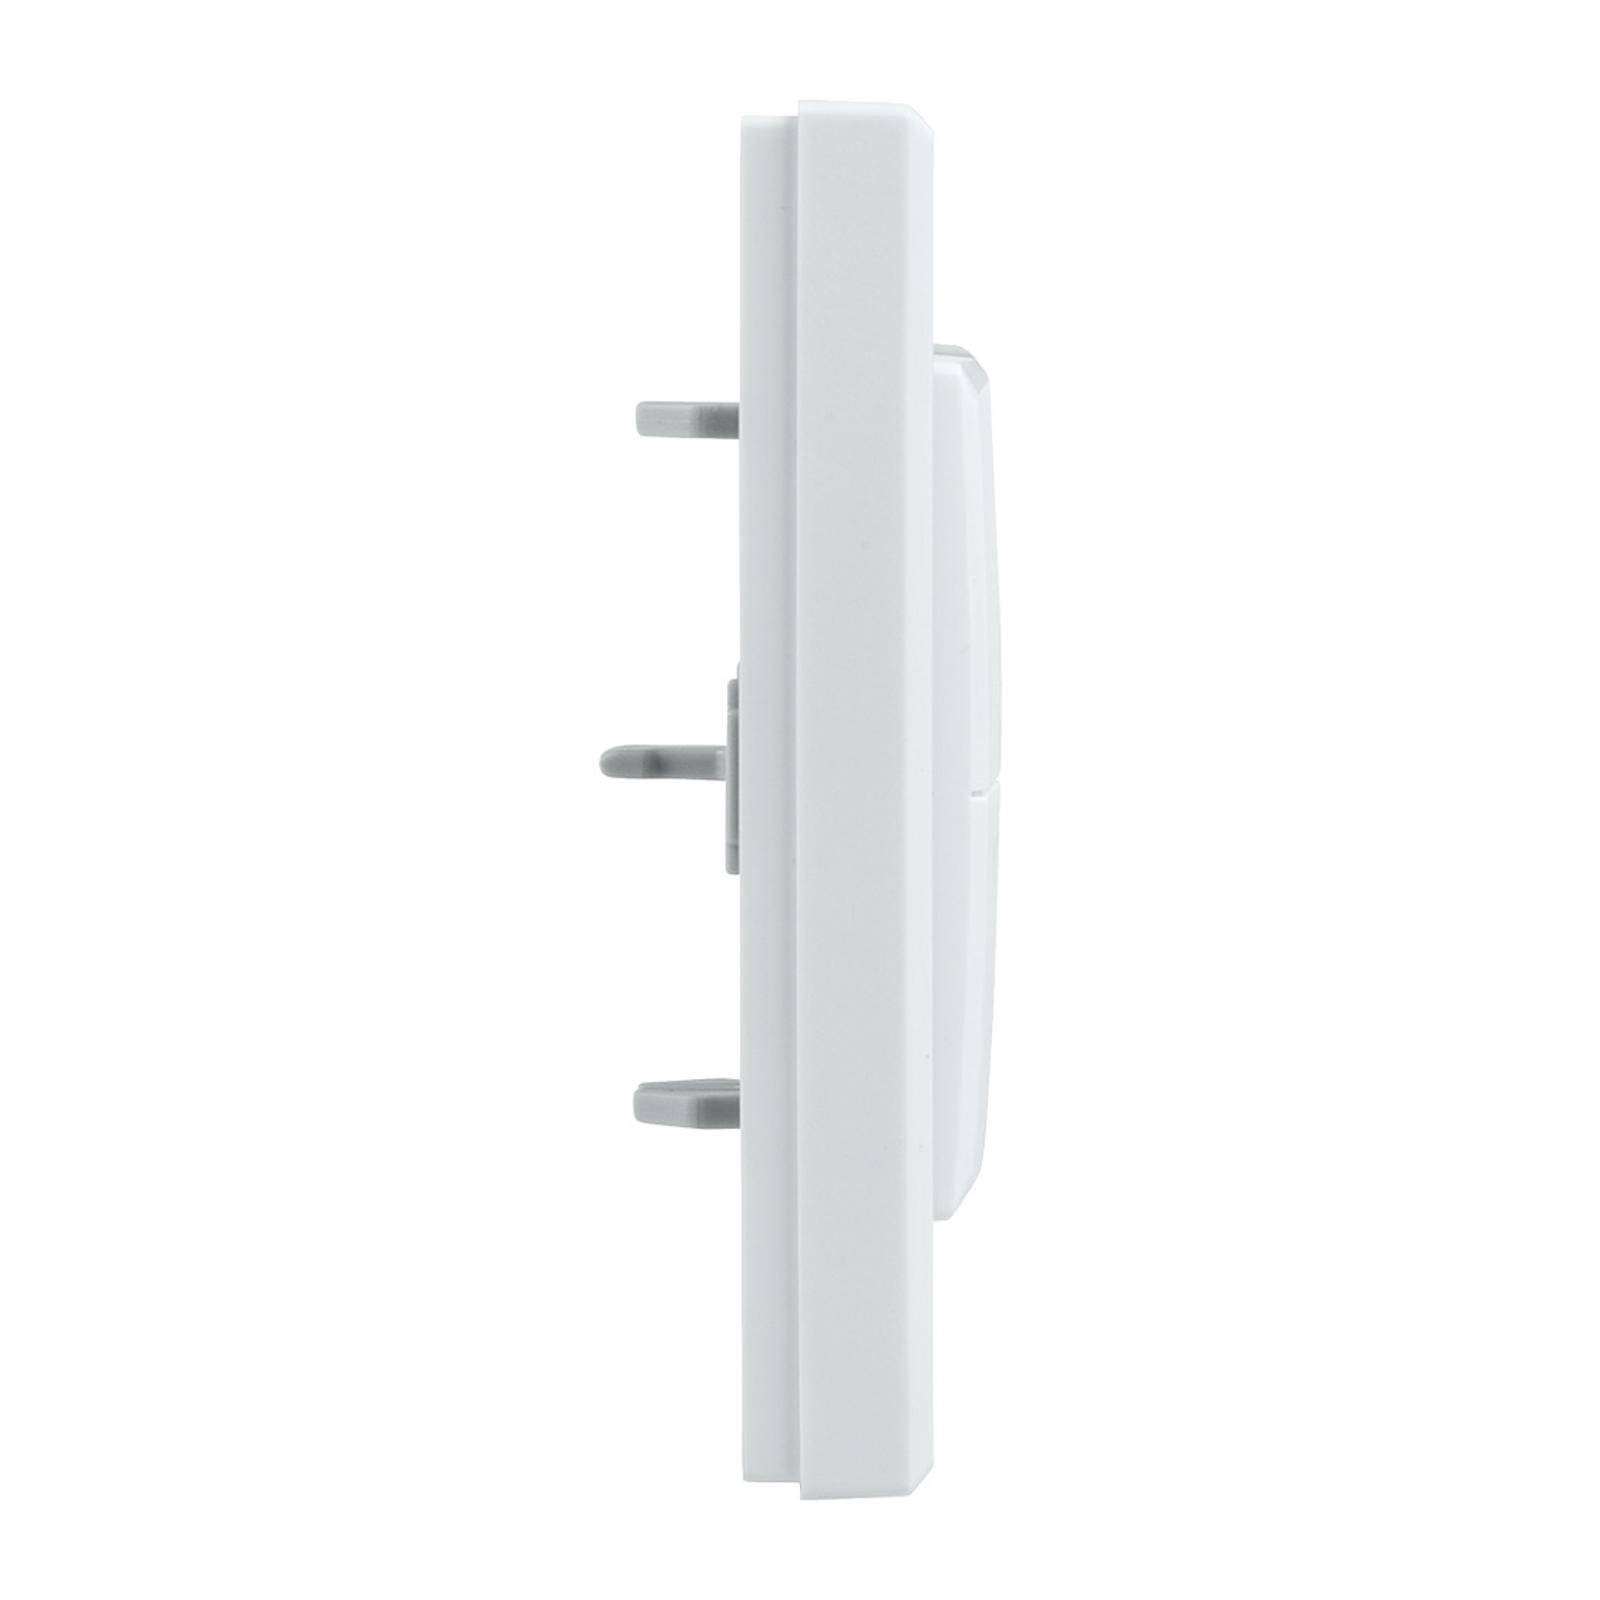 Homematic IP dźwignia przełącznika, strzałki